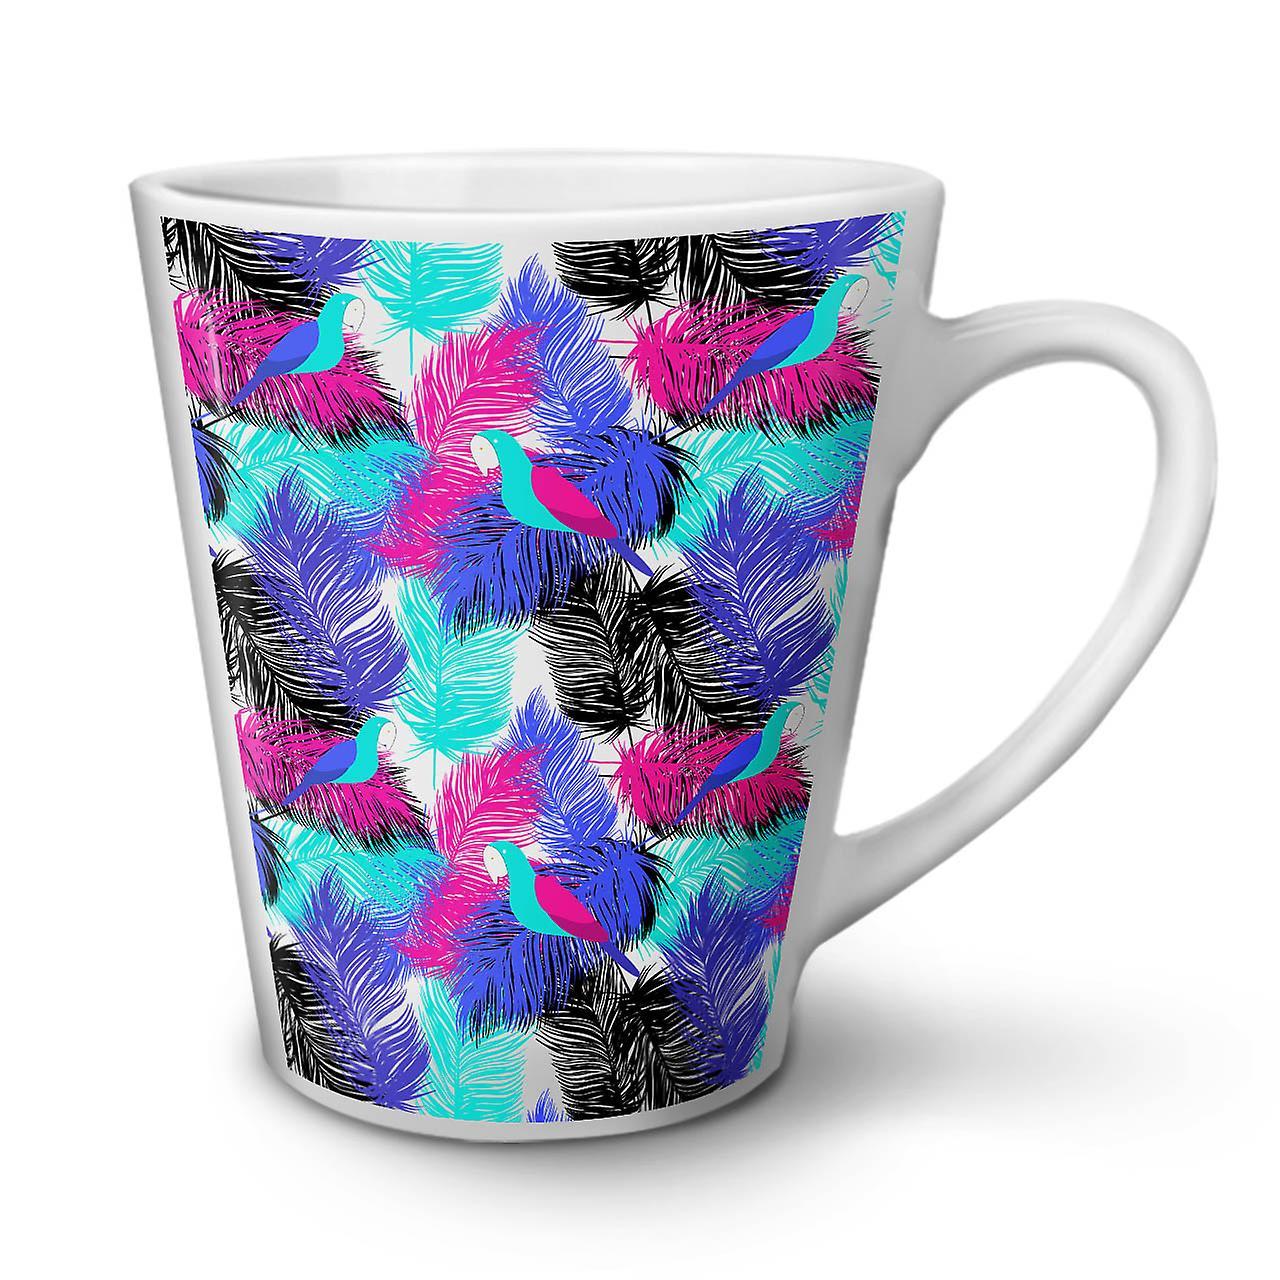 Nouvelle Blanche OzWellcoda Couleur 12 Café Tasse Plumes Latte Céramique De En UqzpMVS